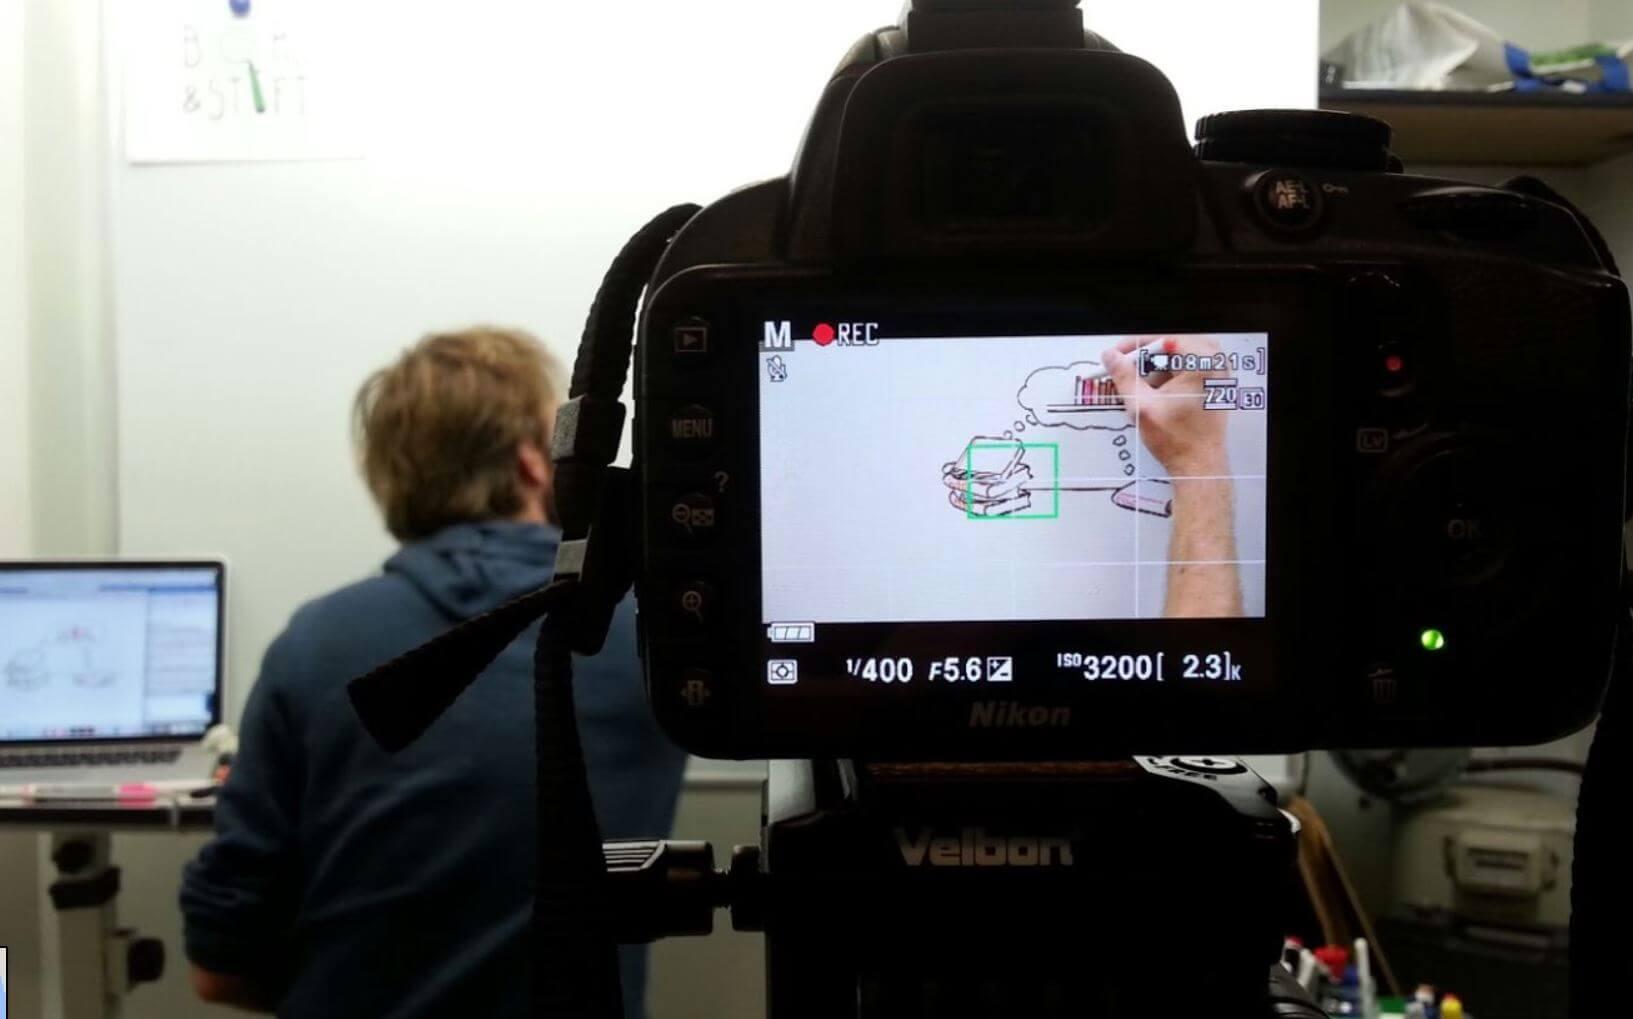 Nicky tekent een filmpje op een whiteboard, de camera is groot in beeld en daarin zie je hoe hij het filmpje tekent